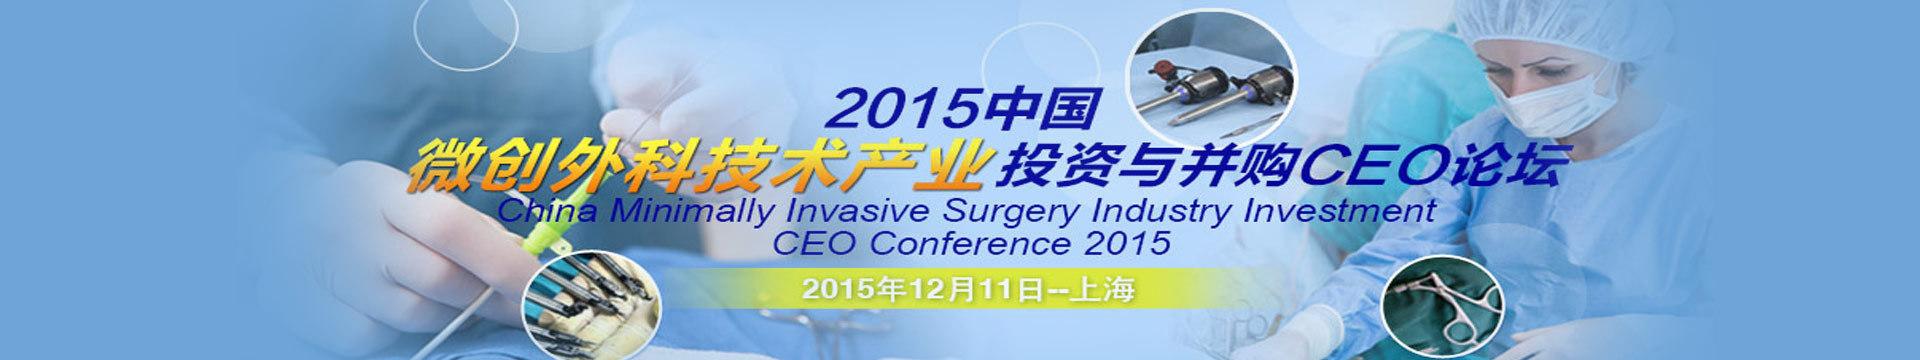 2015中国微创外科技术产业投资与并购CEO论坛